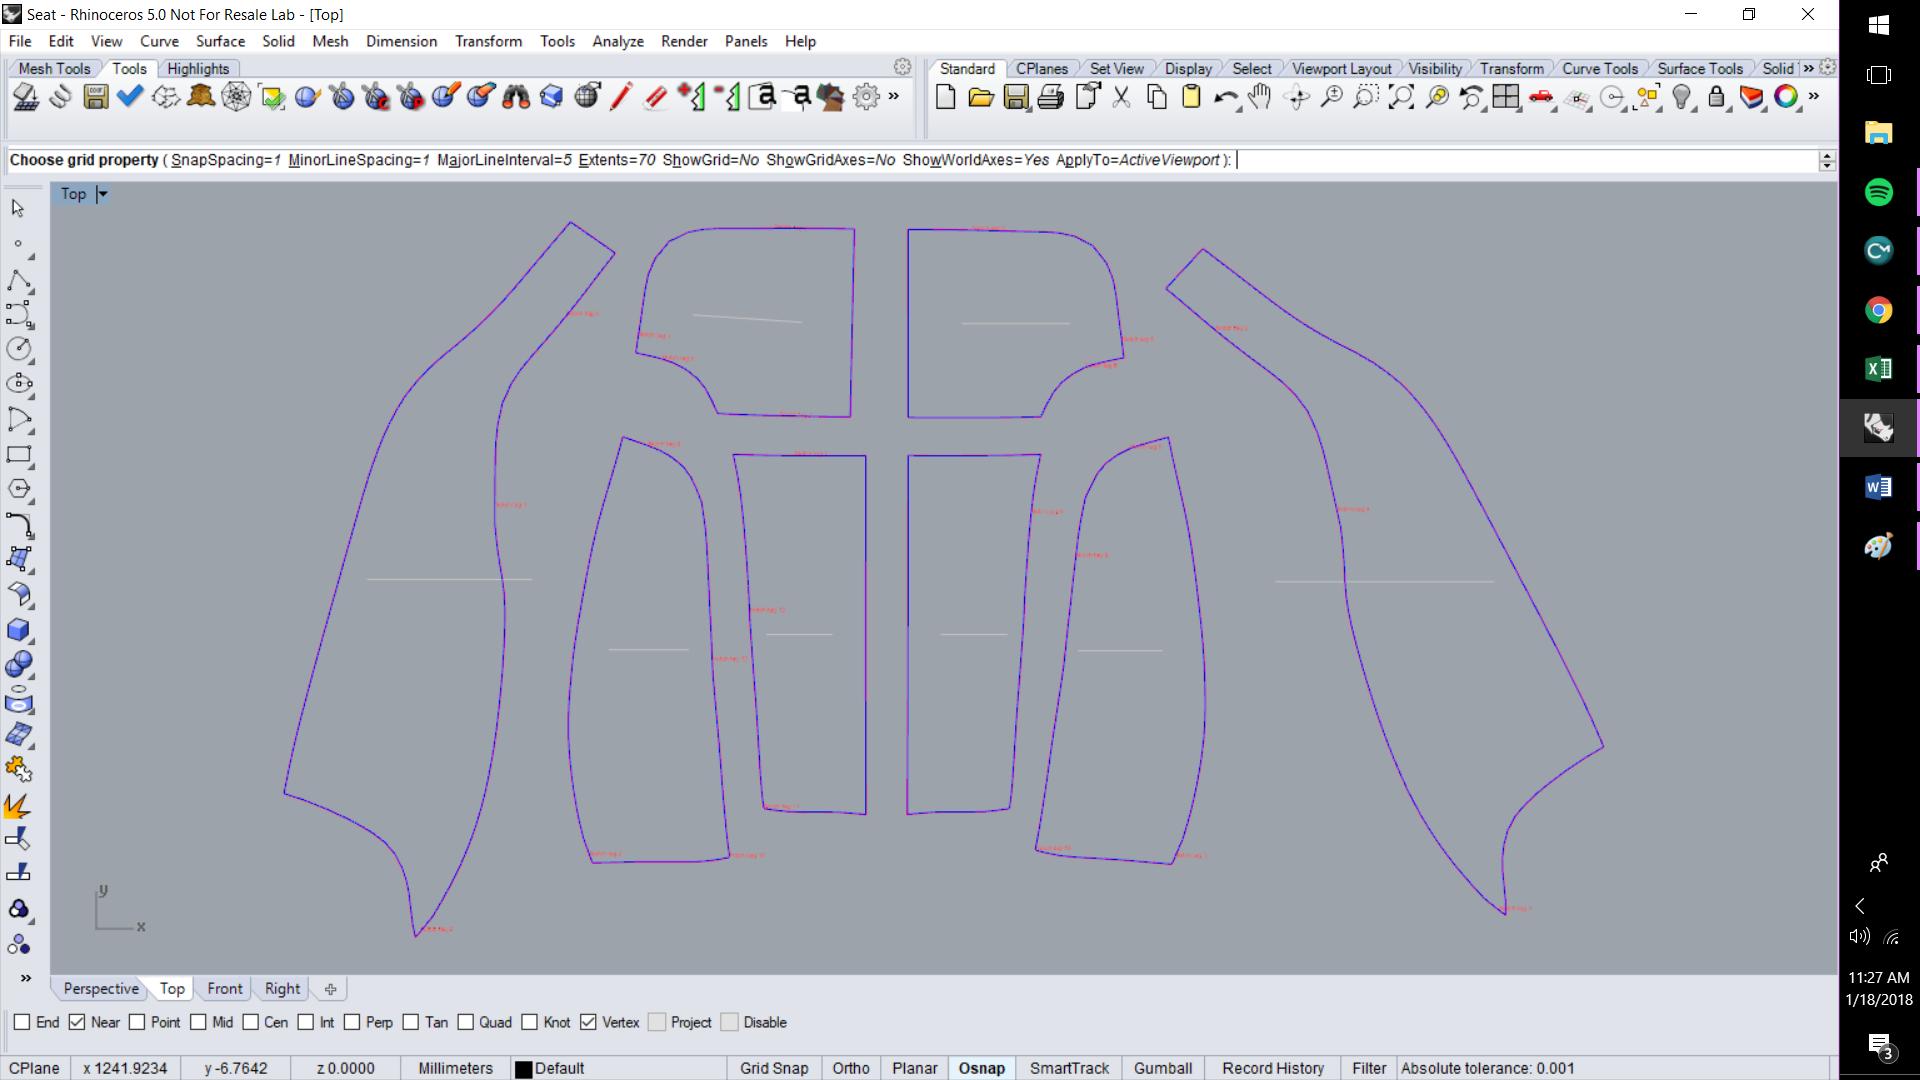 ExactFlat For Rhino - DXF Outline